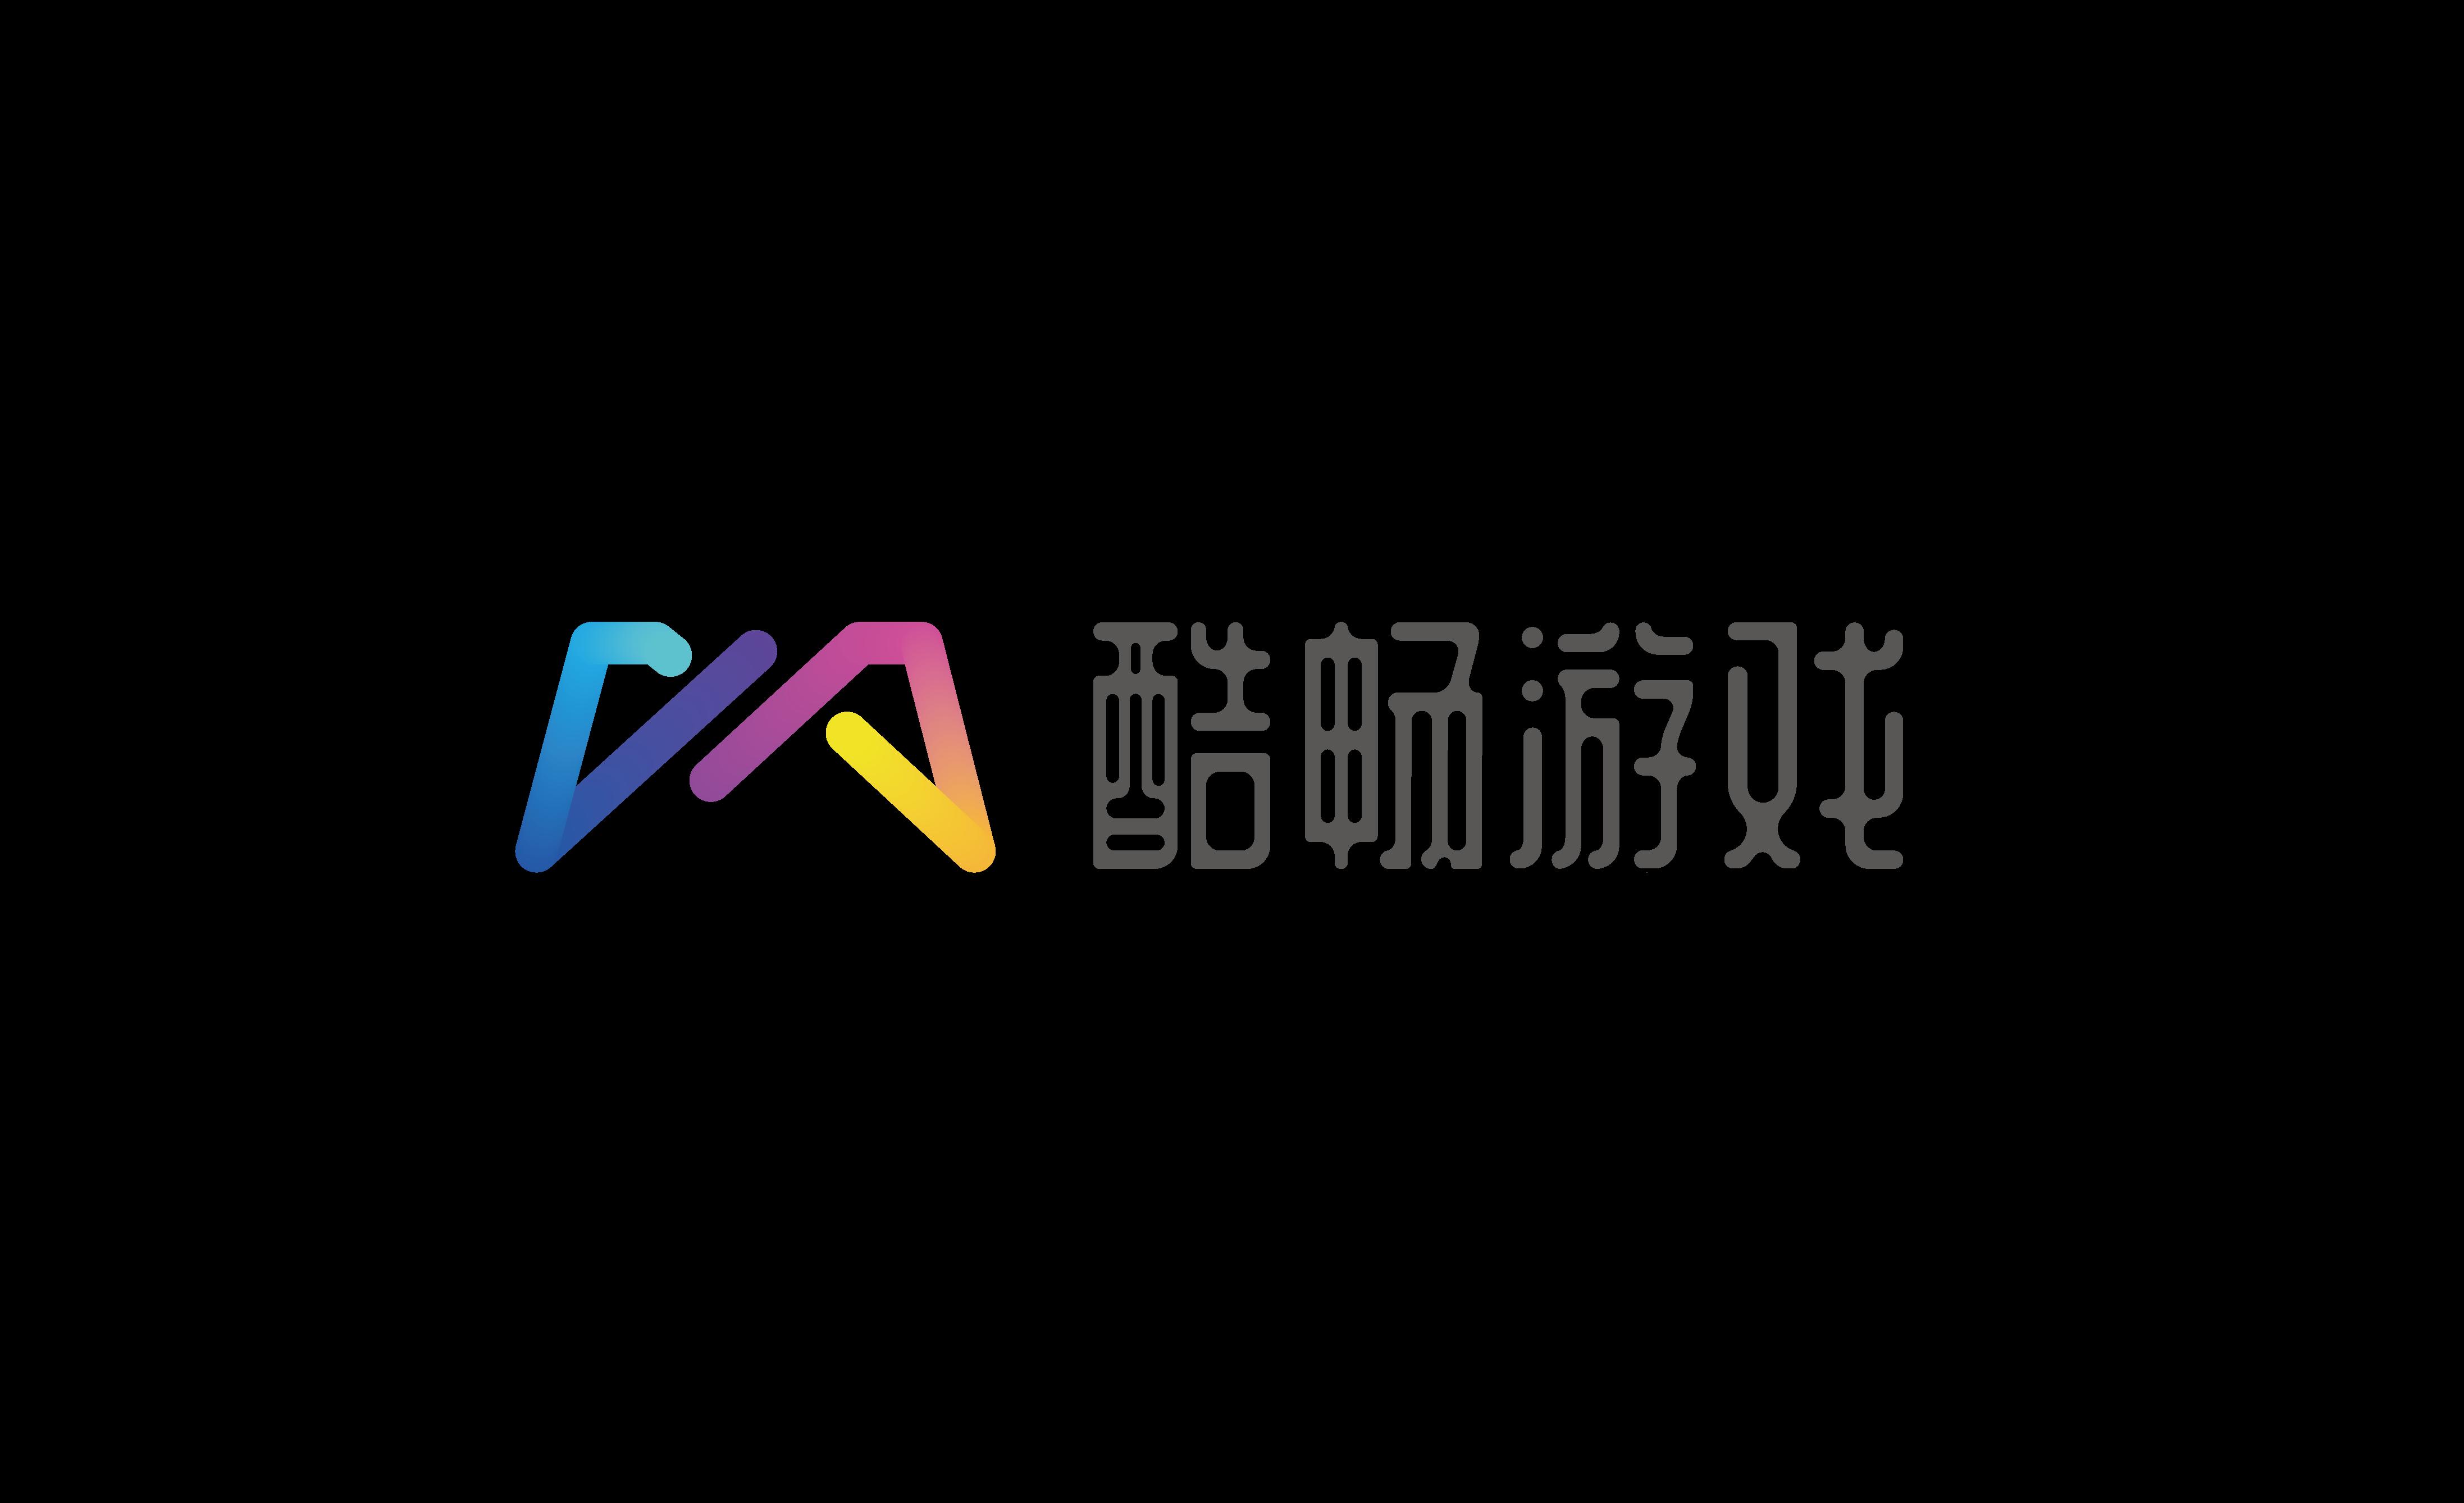 南京酷畅信息科技有限公司